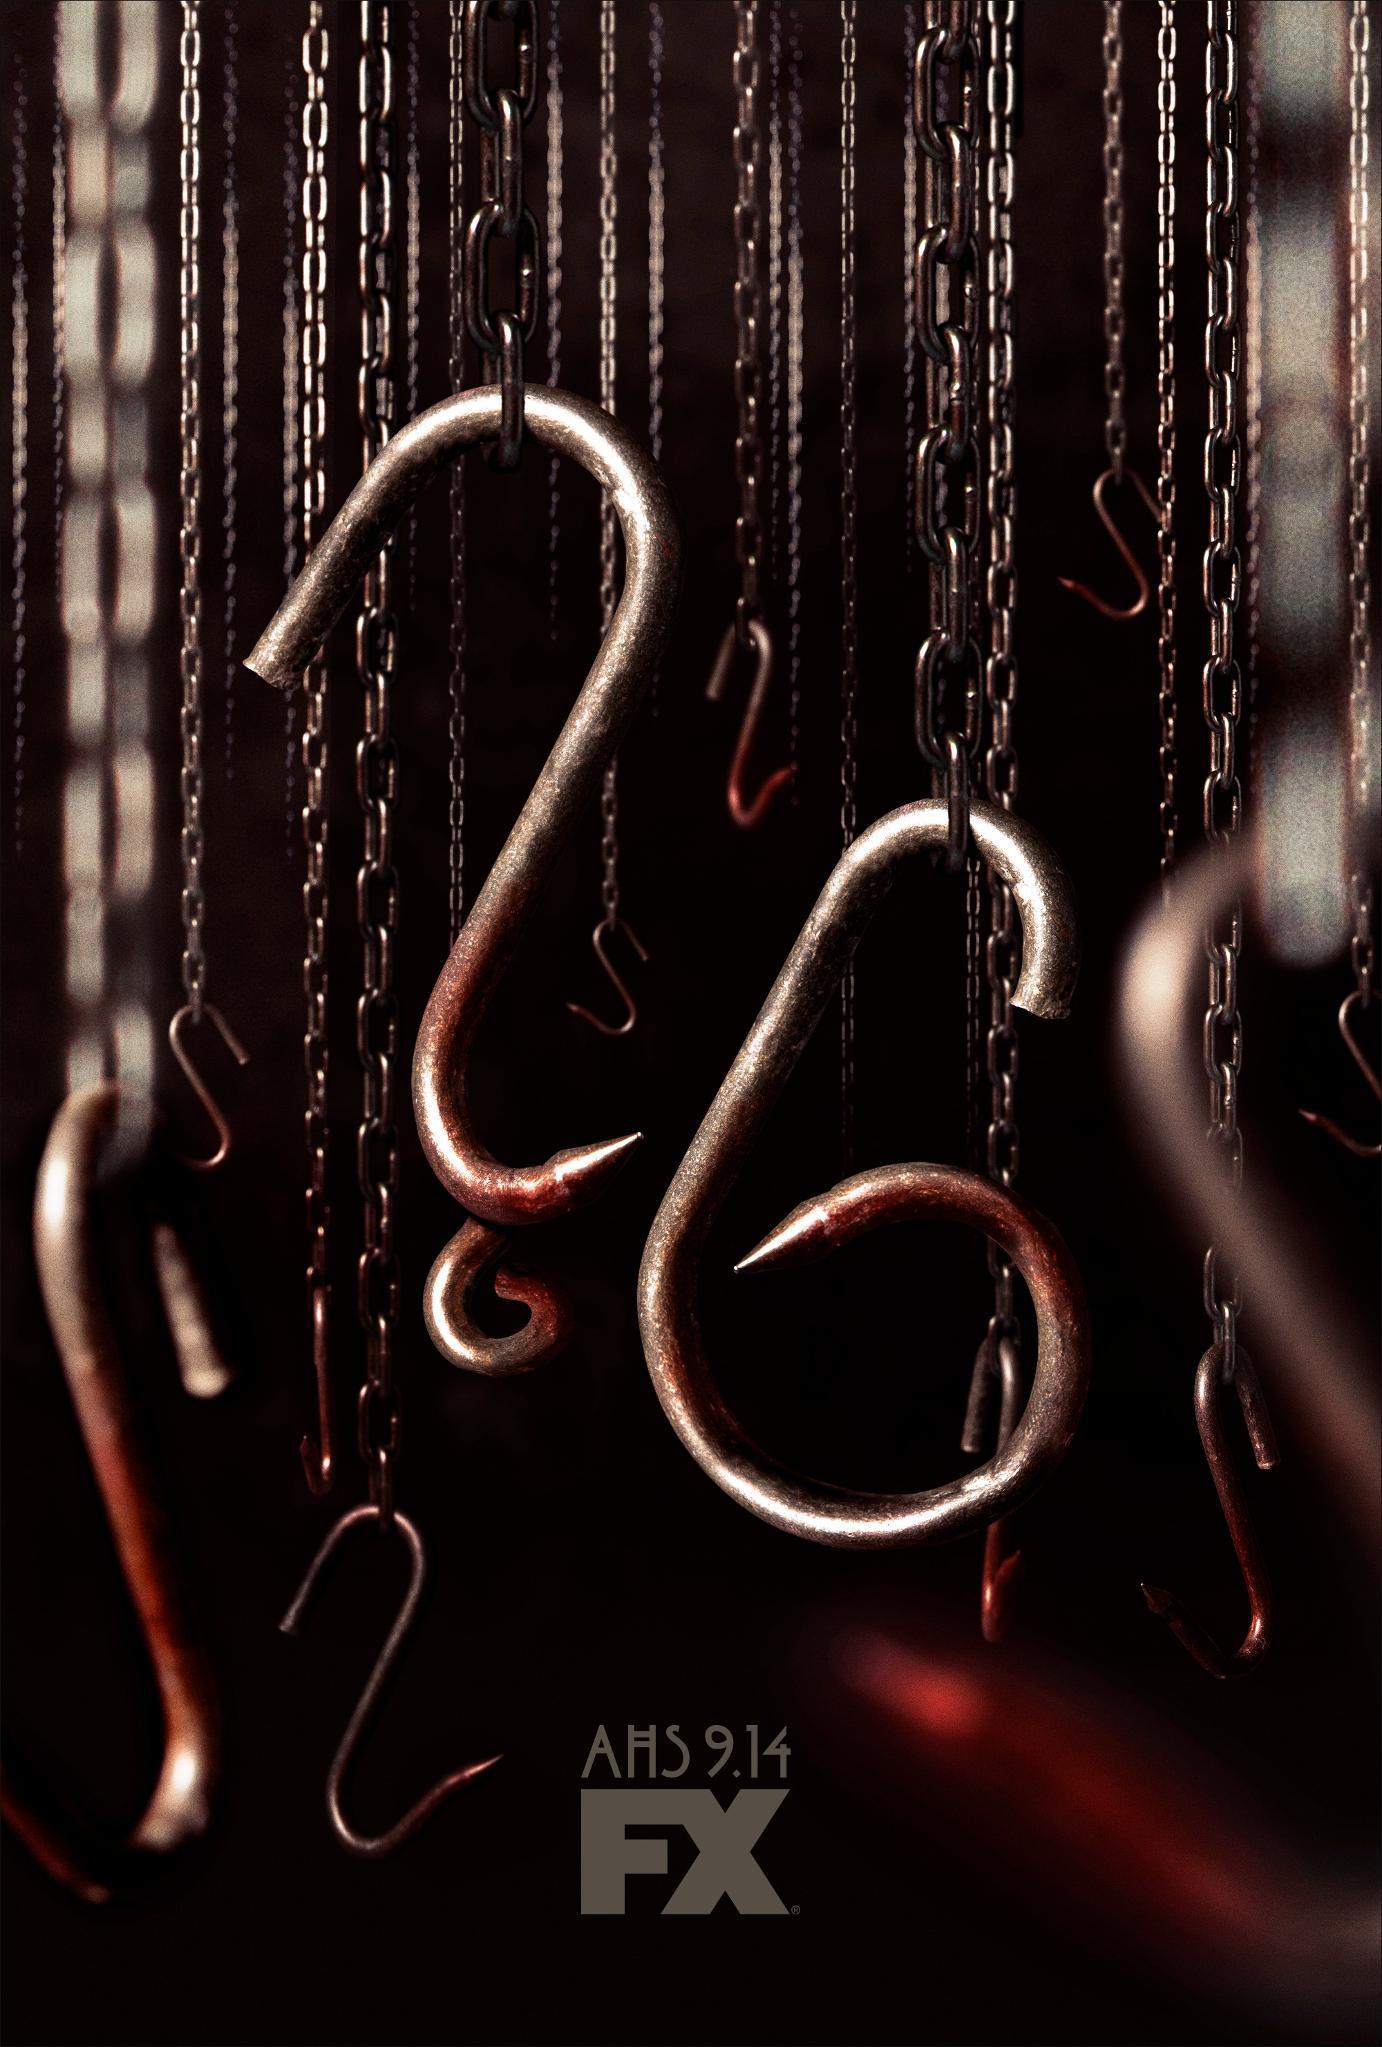 《美国恐怖故事》(American Horror Story)第六季曝新预告和海报  (1P+11V)